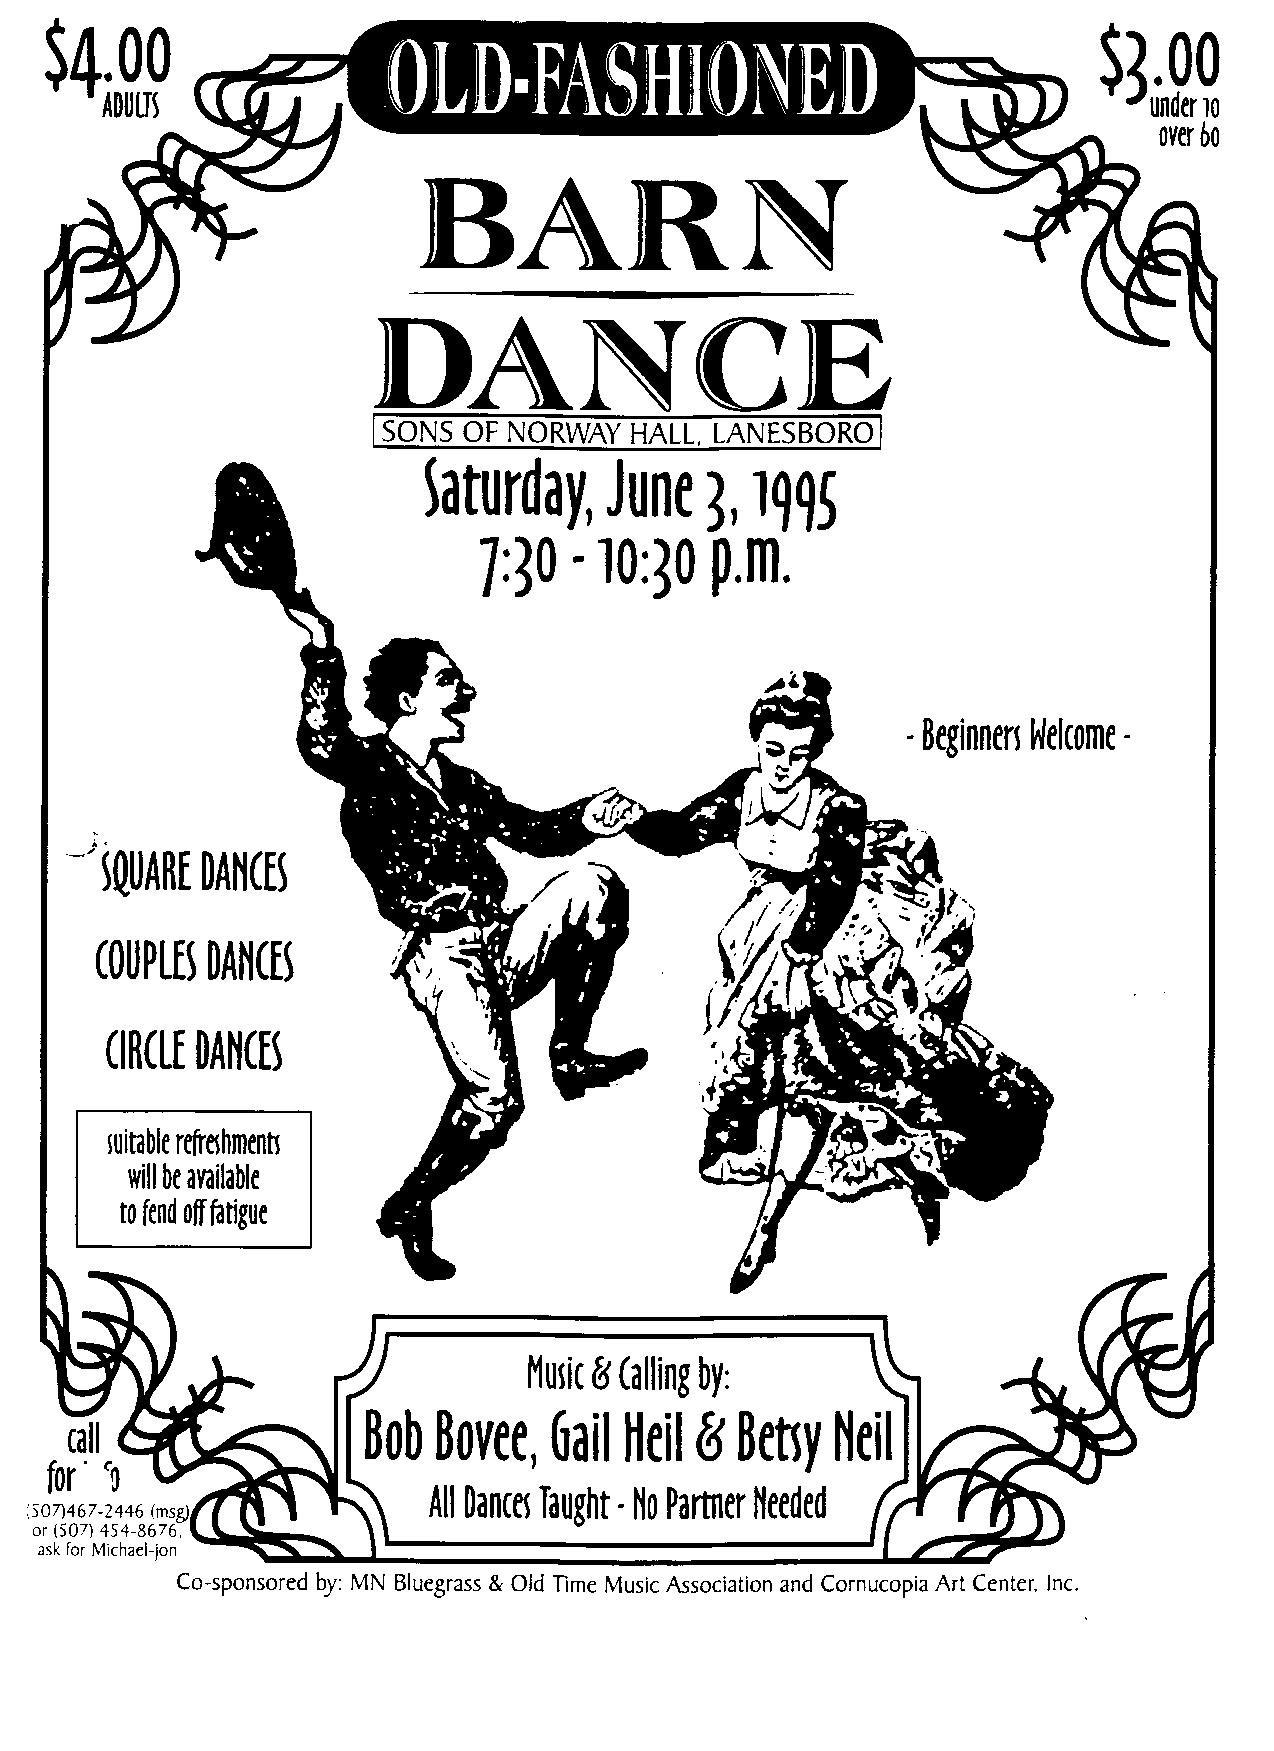 Classic clipart barn dance Inspired dance Barn Such Dance